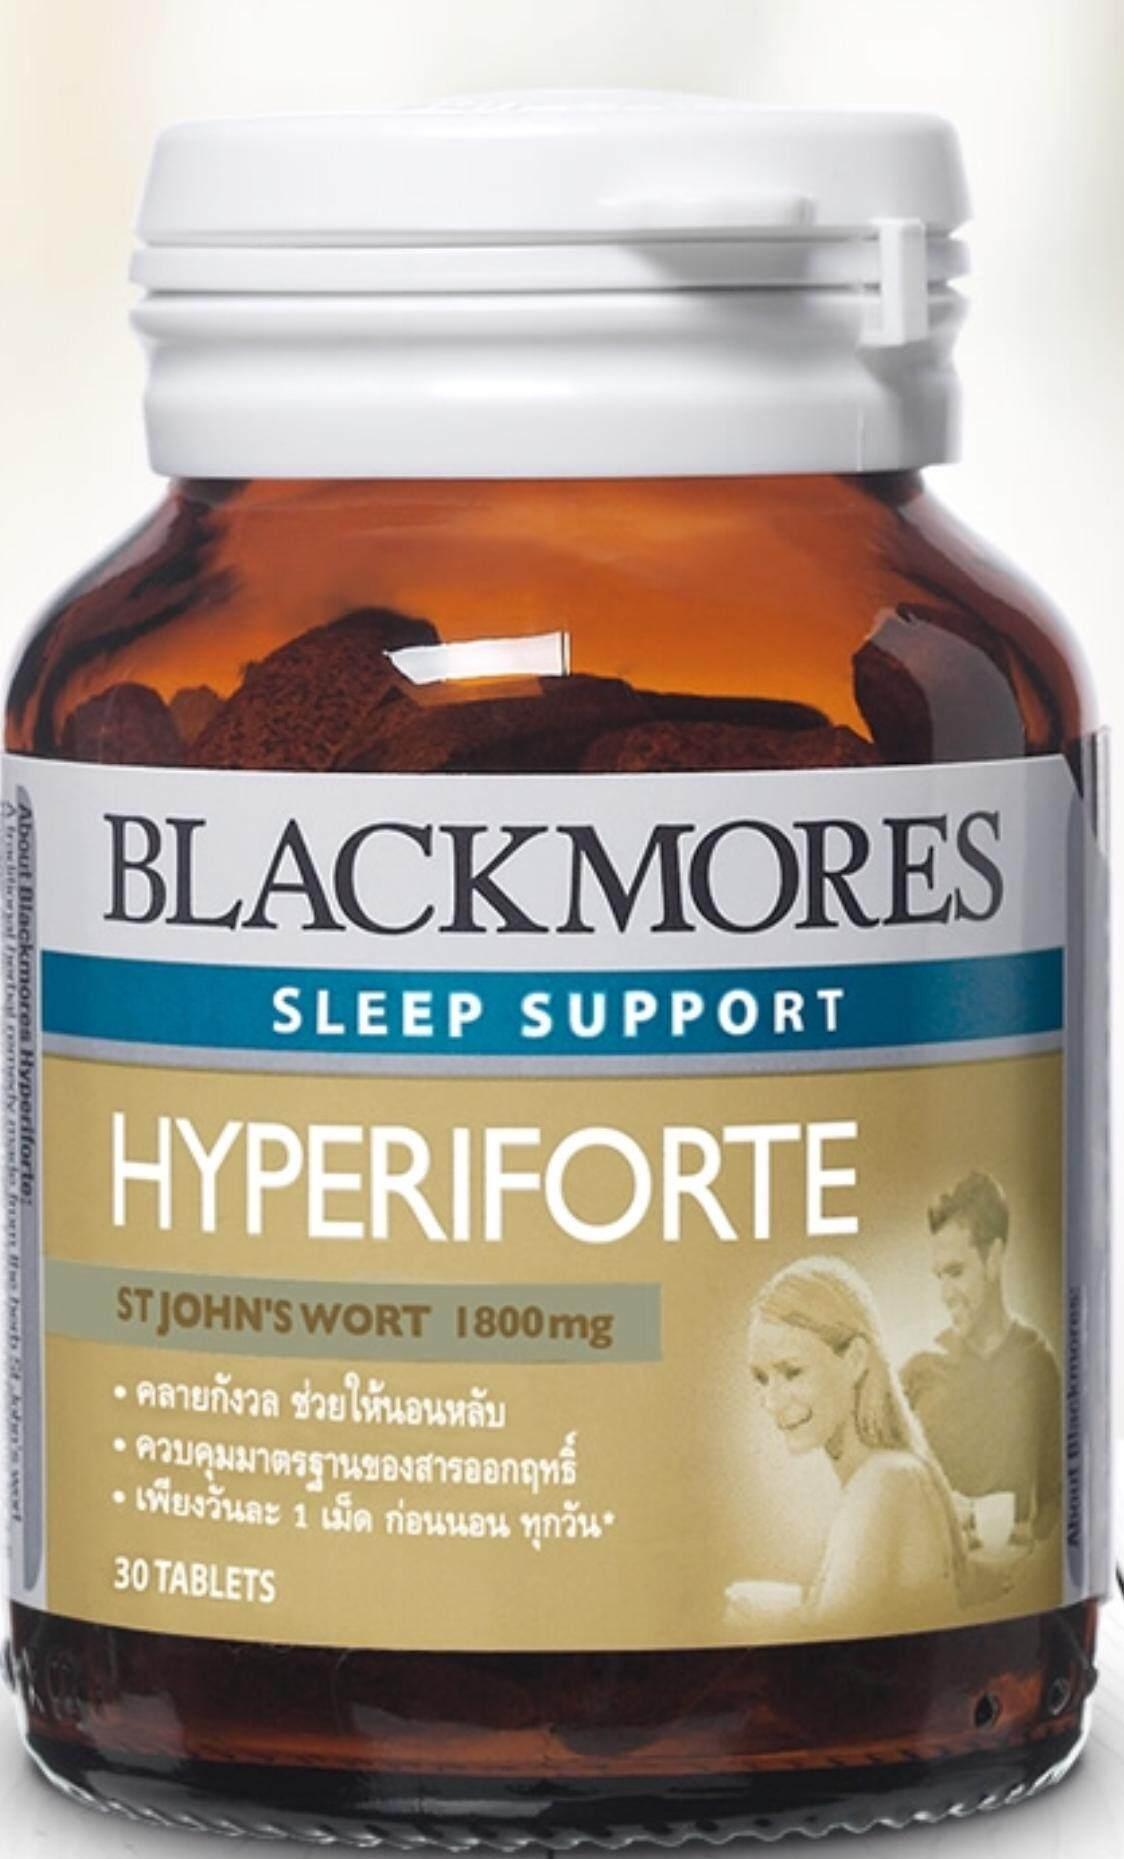 การใช้งาน  กระบี่ Blackmores ไฮเปอ ริฟอร์ท ขนาด 30 เม็ด คลายกังวล ช่วยให้นอนหลับ